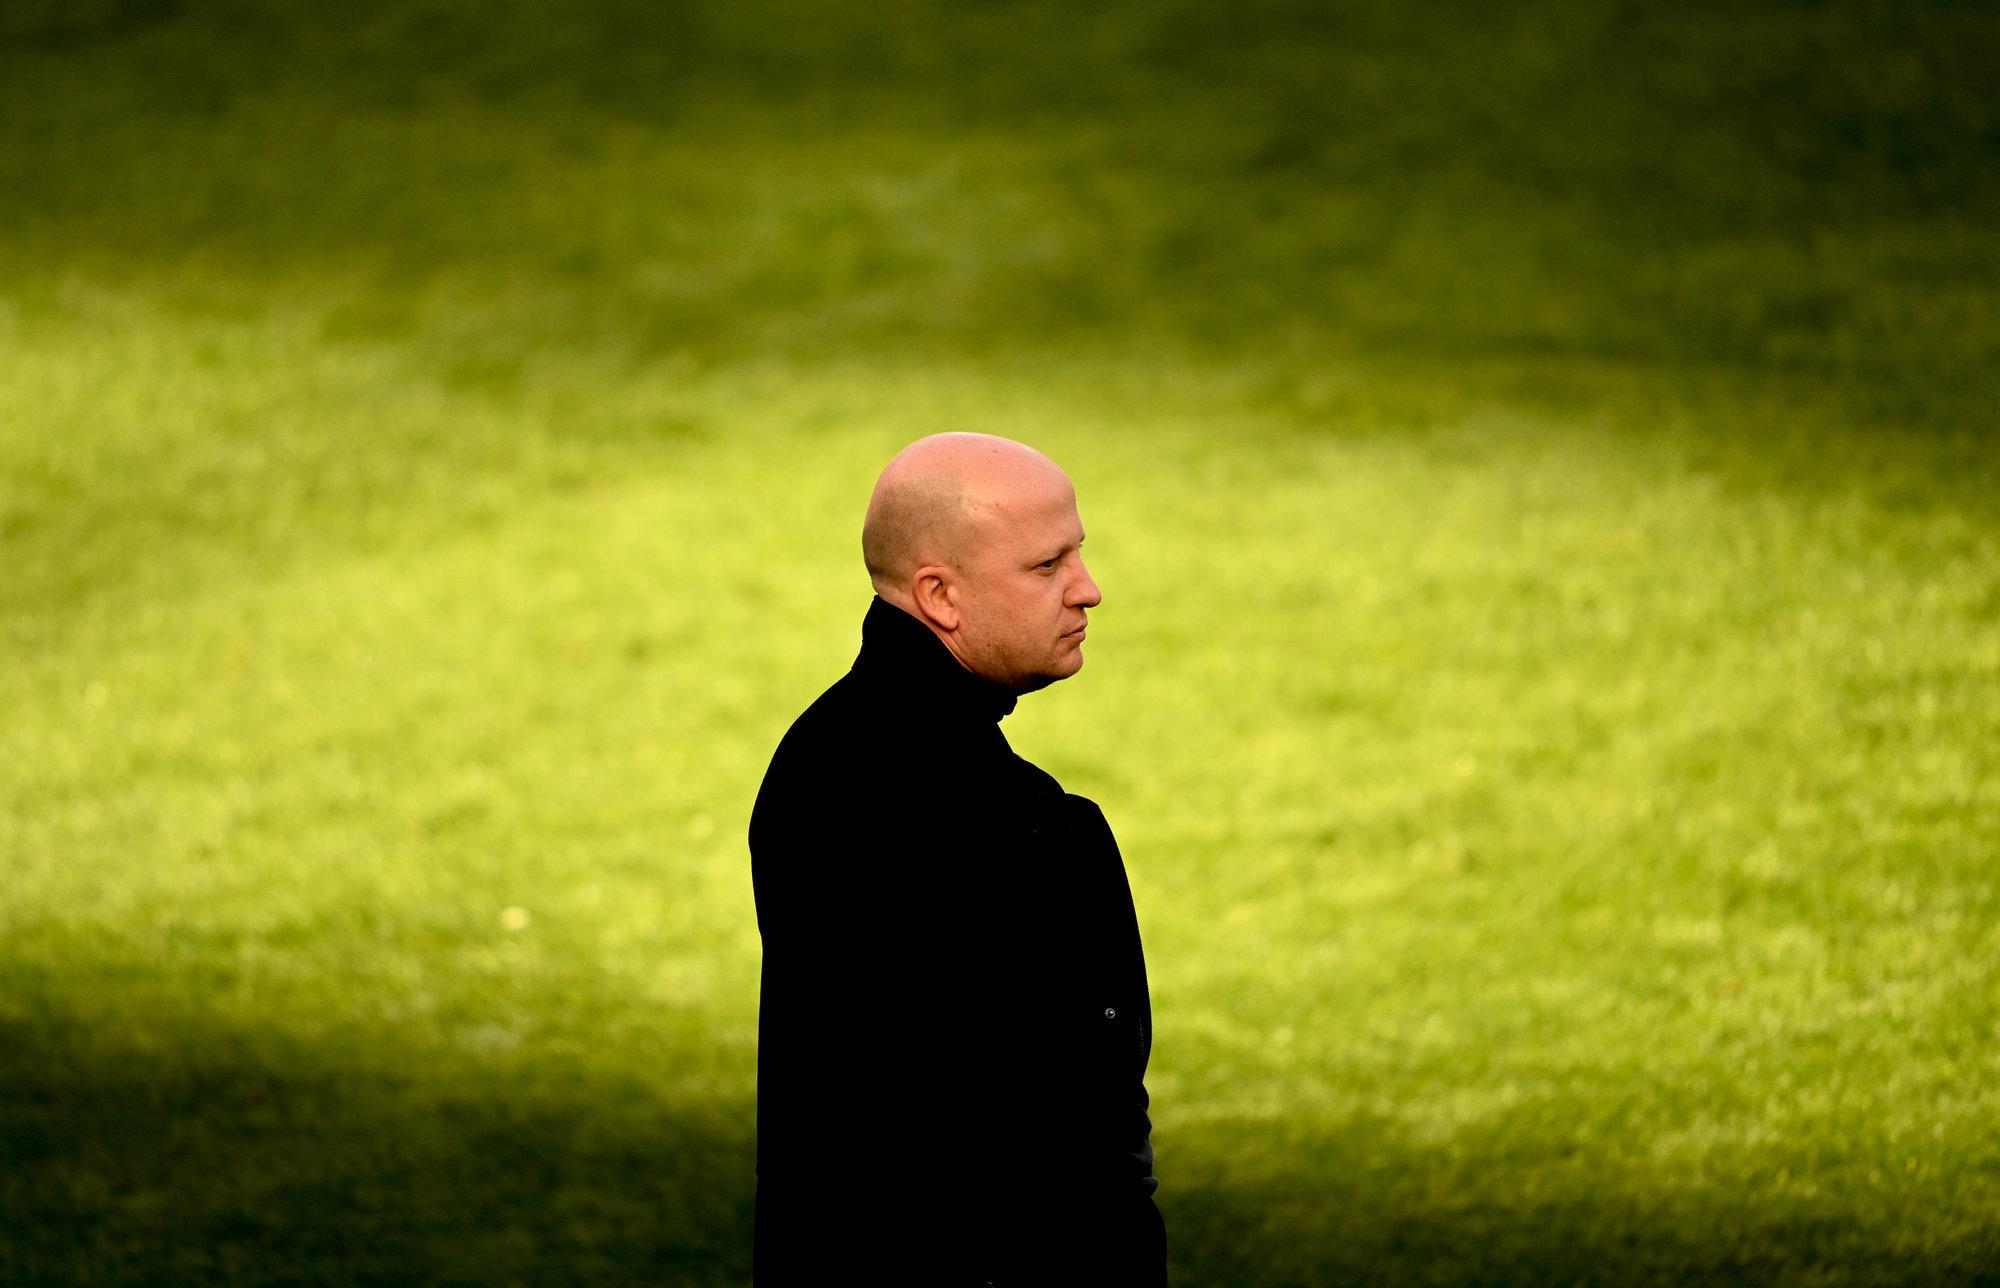 Марко Николич: «Русский футбол и Лига Европы — это отдельная история»